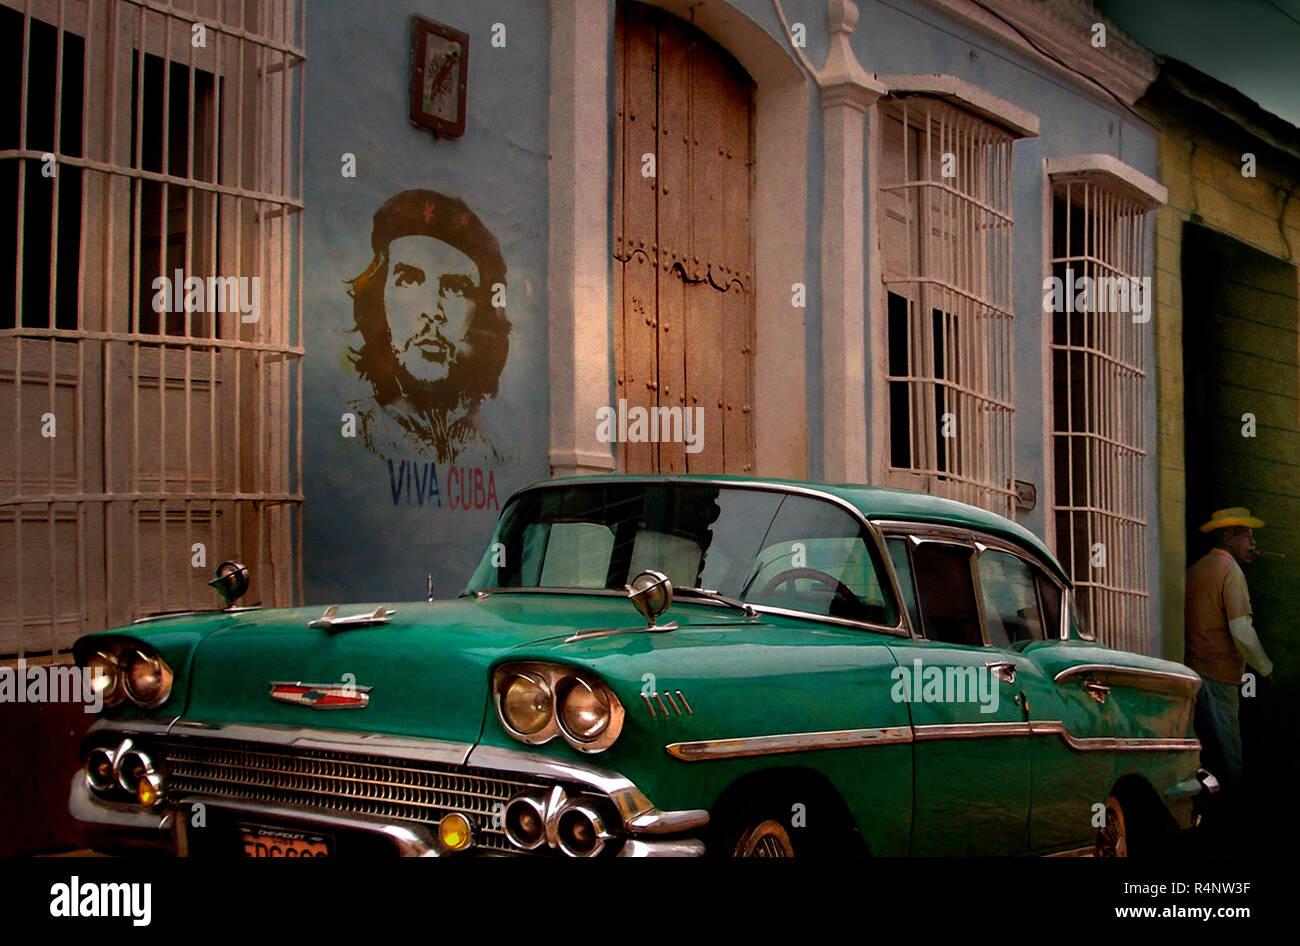 Voiture d'époque et des graffitis de Che Guevara en rue, Trinidad, SanctiSpritusProvince, Cuba Banque D'Images